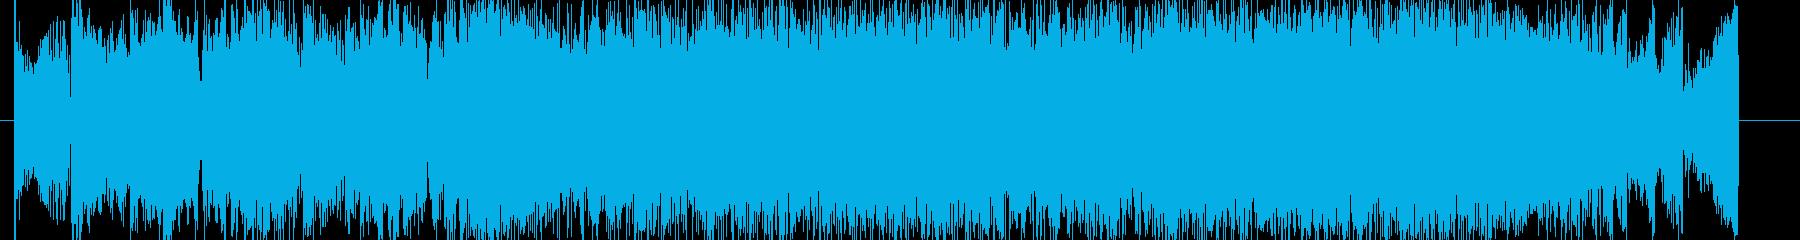 攻撃的なヘビーEギターデジタルサウンドの再生済みの波形